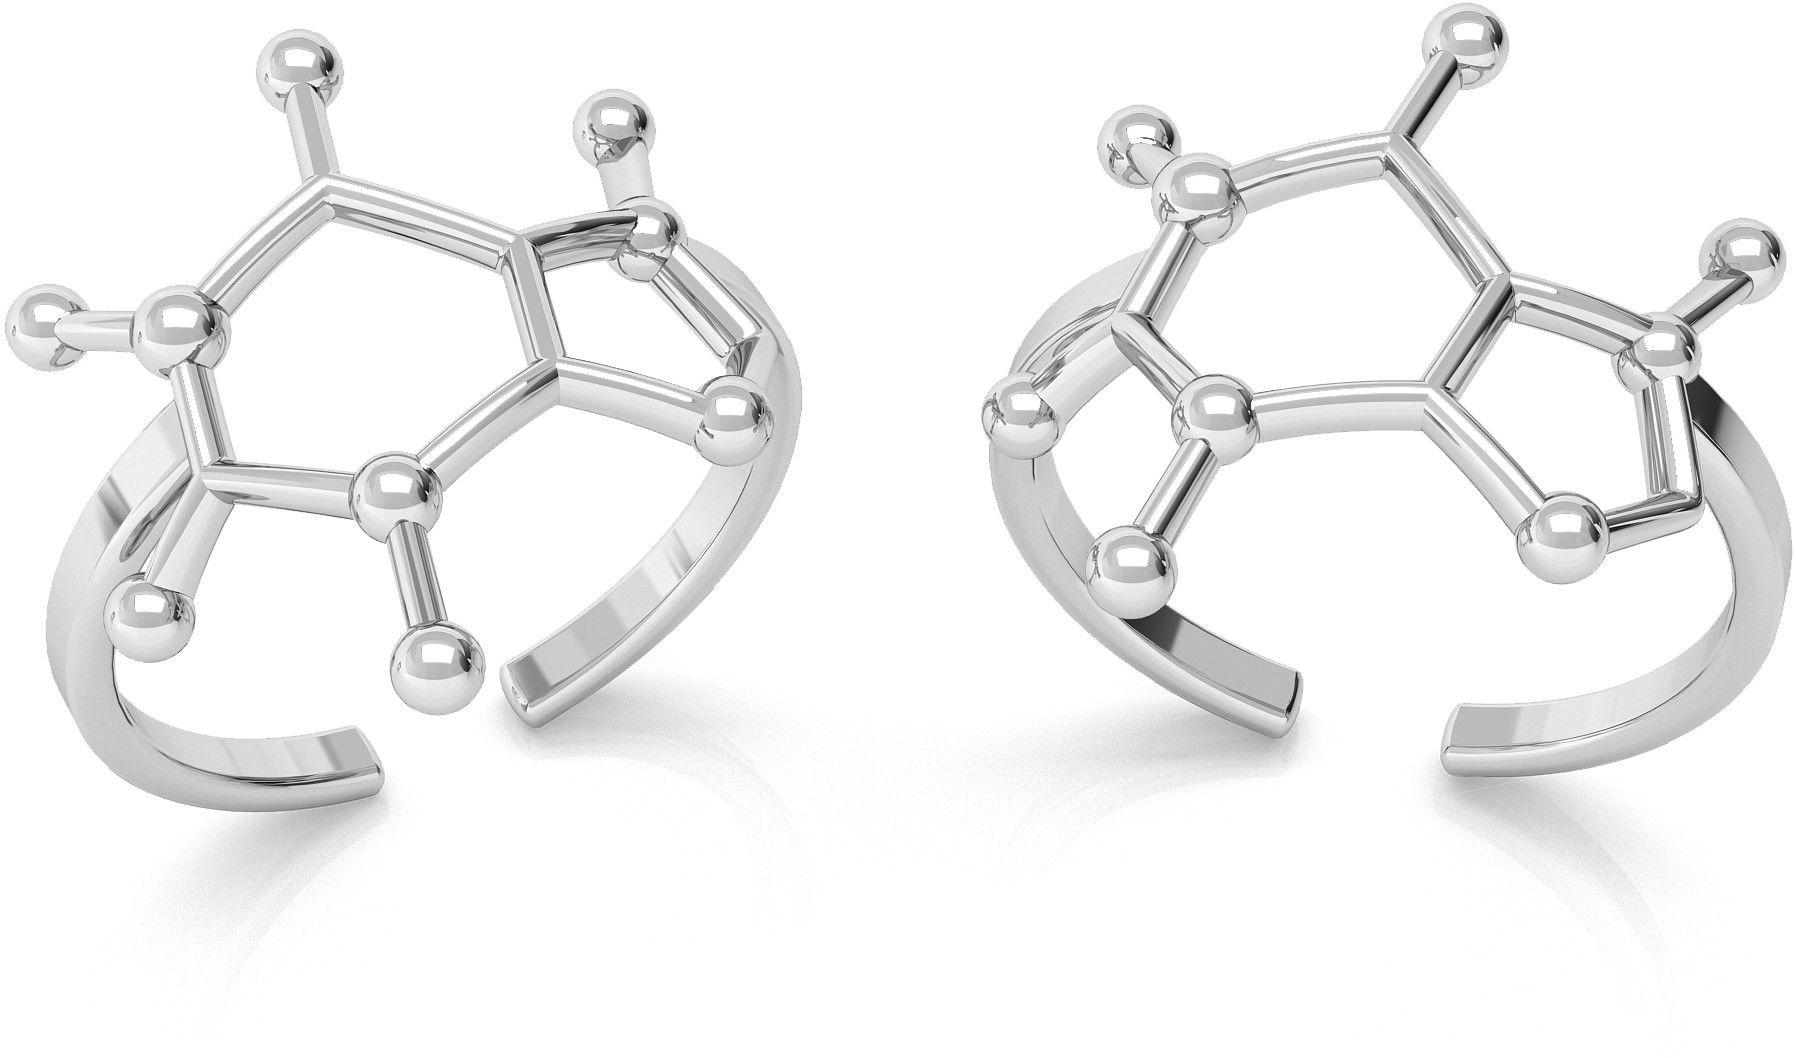 Srebrny pierścionek - kofeina, wzór chemiczny, srebro 925 : Srebro - kolor pokrycia - Pokrycie platyną